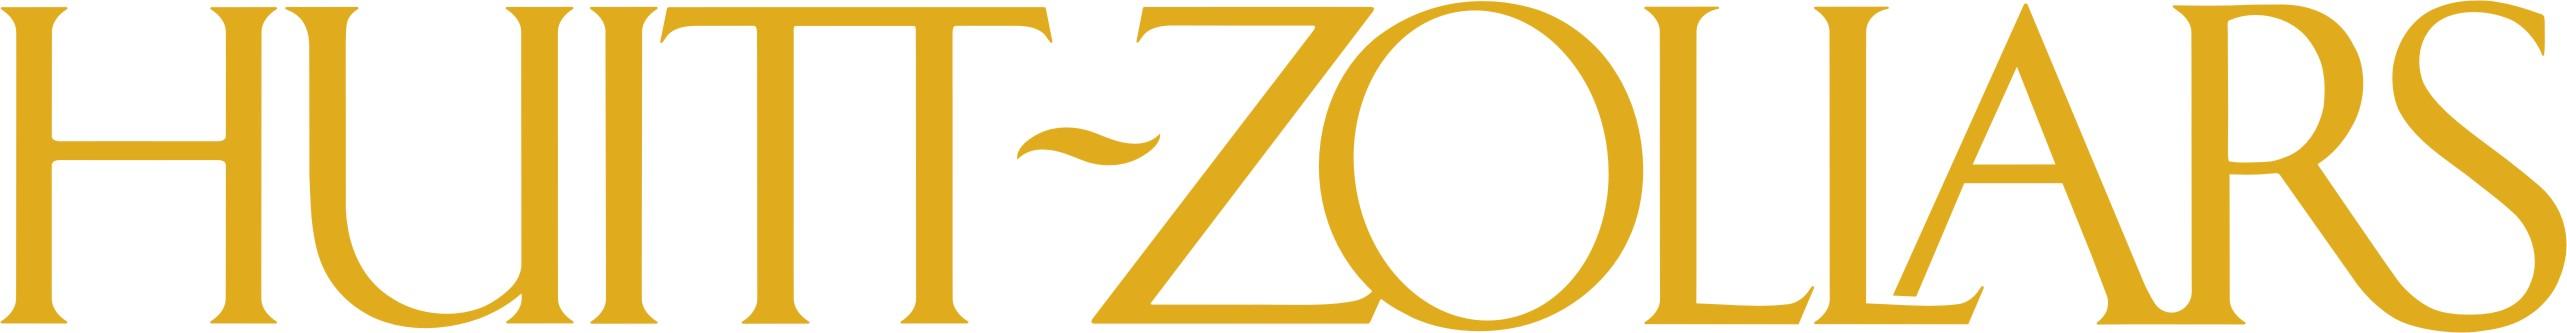 EOC College Fair - Huitt Zollars logo